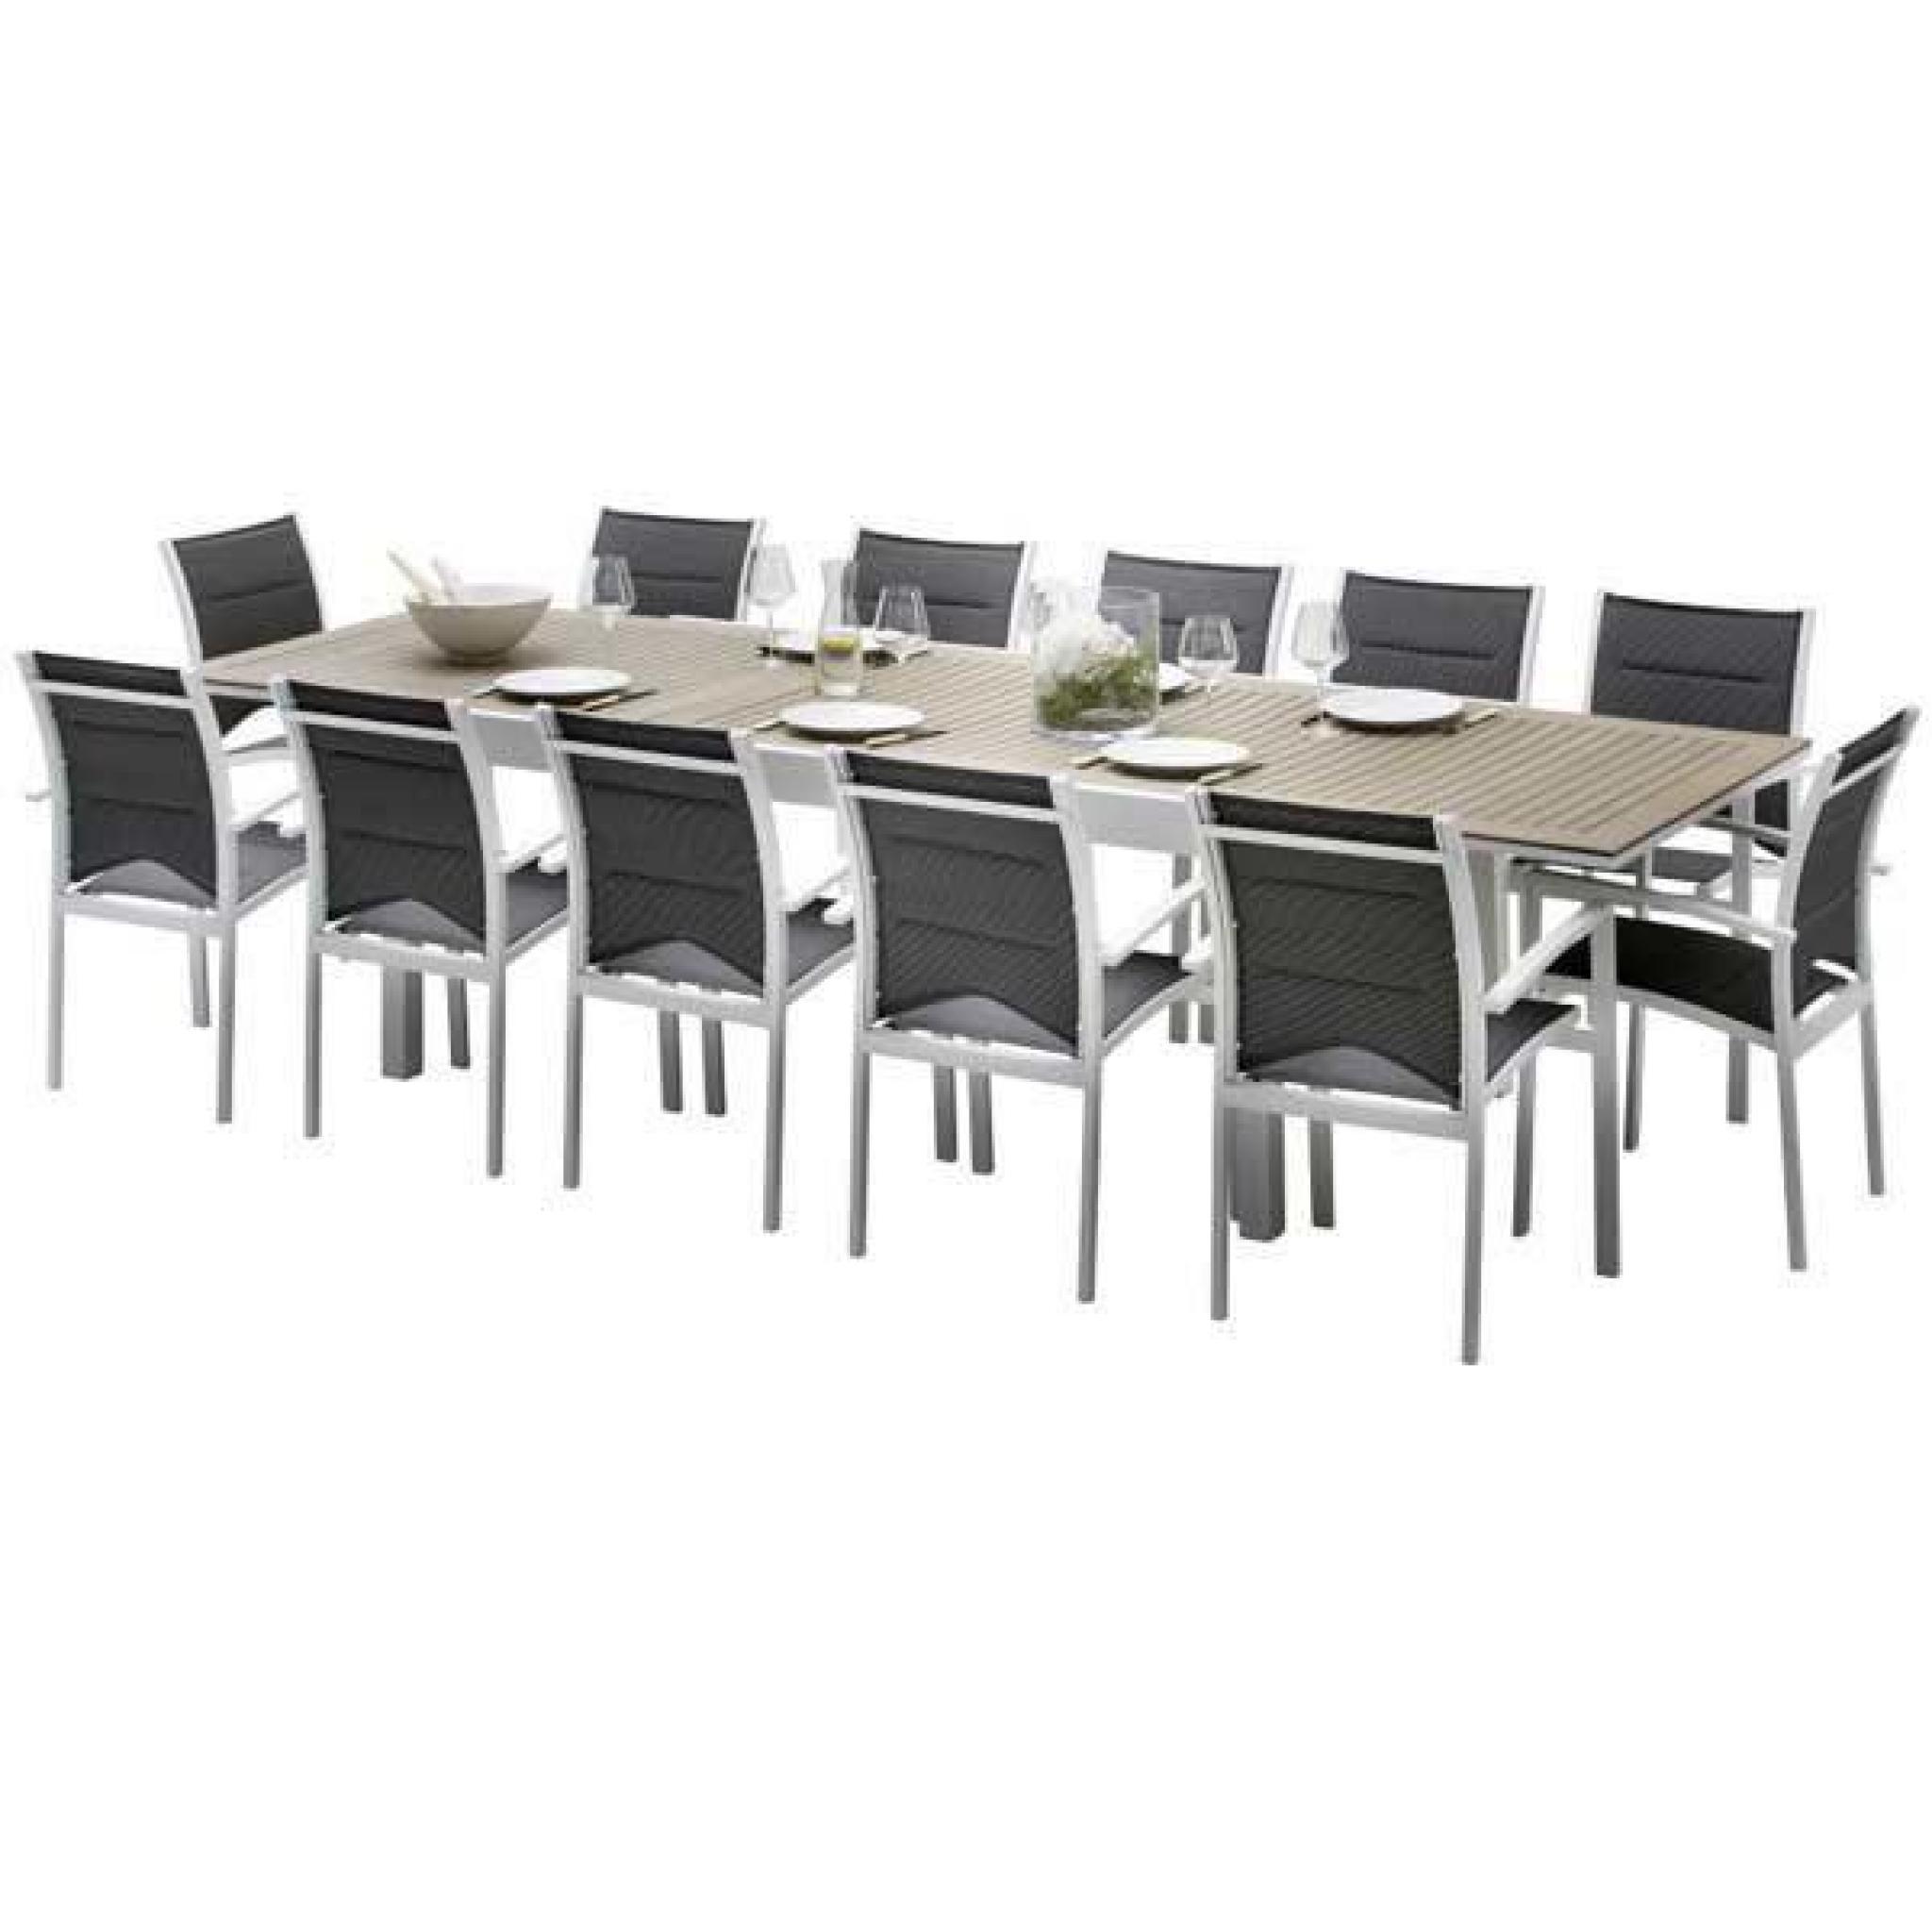 Ensemble De Table Et Chaises De Jardin Lattées Polywood Modulo 10 Places  Polywood encequiconcerne Table Et Chaises De Jardin Pas Cher